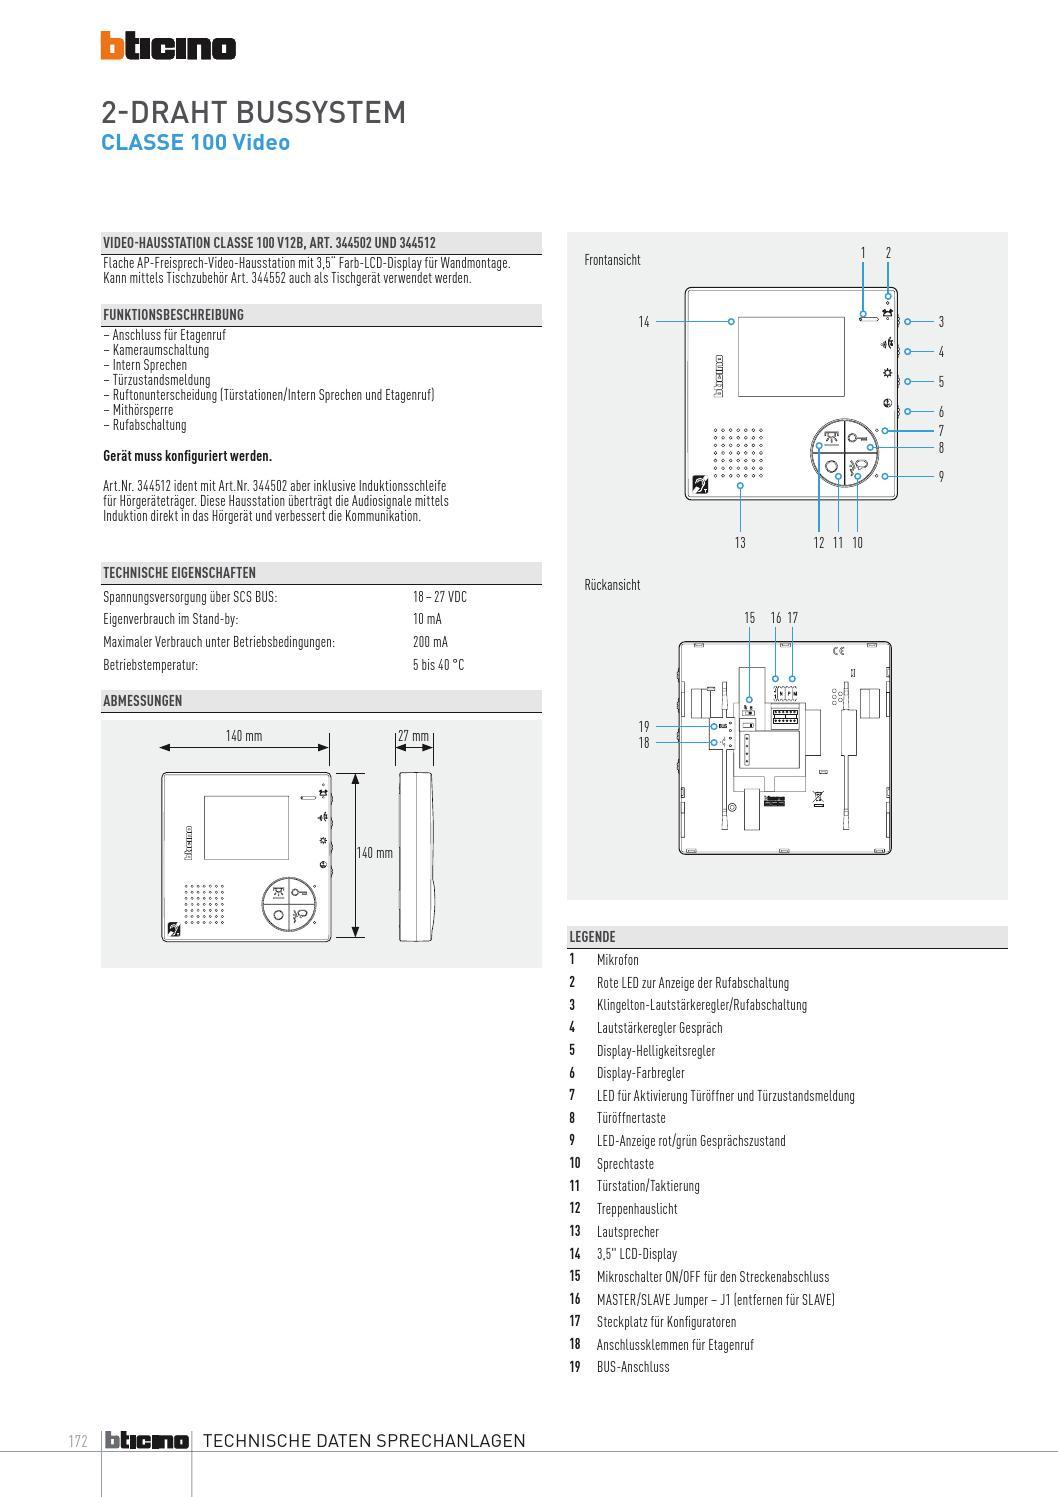 Bticino Tuersprechanlagen Katalog 2013 by Legrand Austria GmbH - issuu